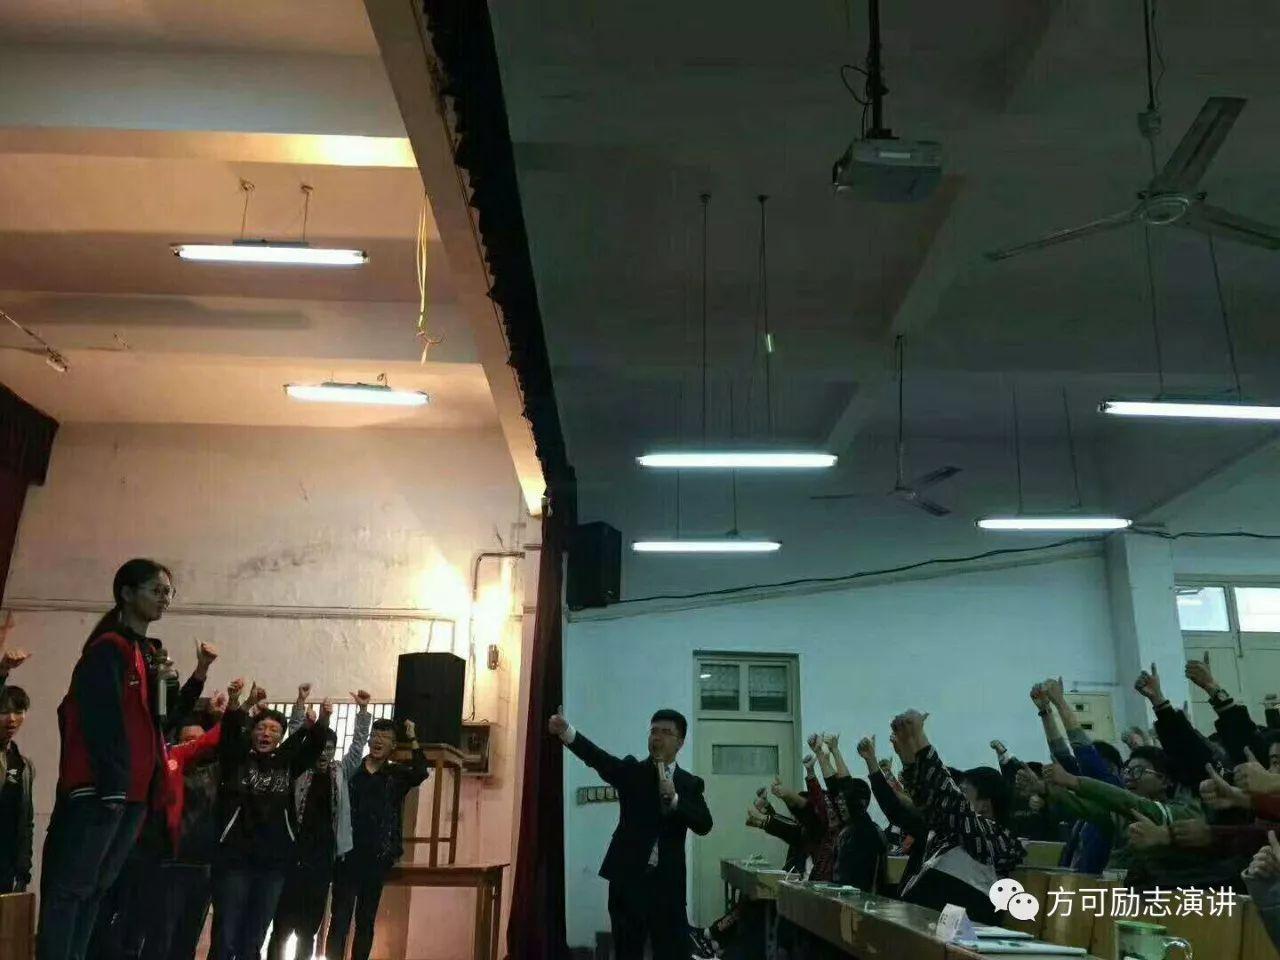 10月20日湖北省黄冈市启黄中学罗帅磊老师大型励